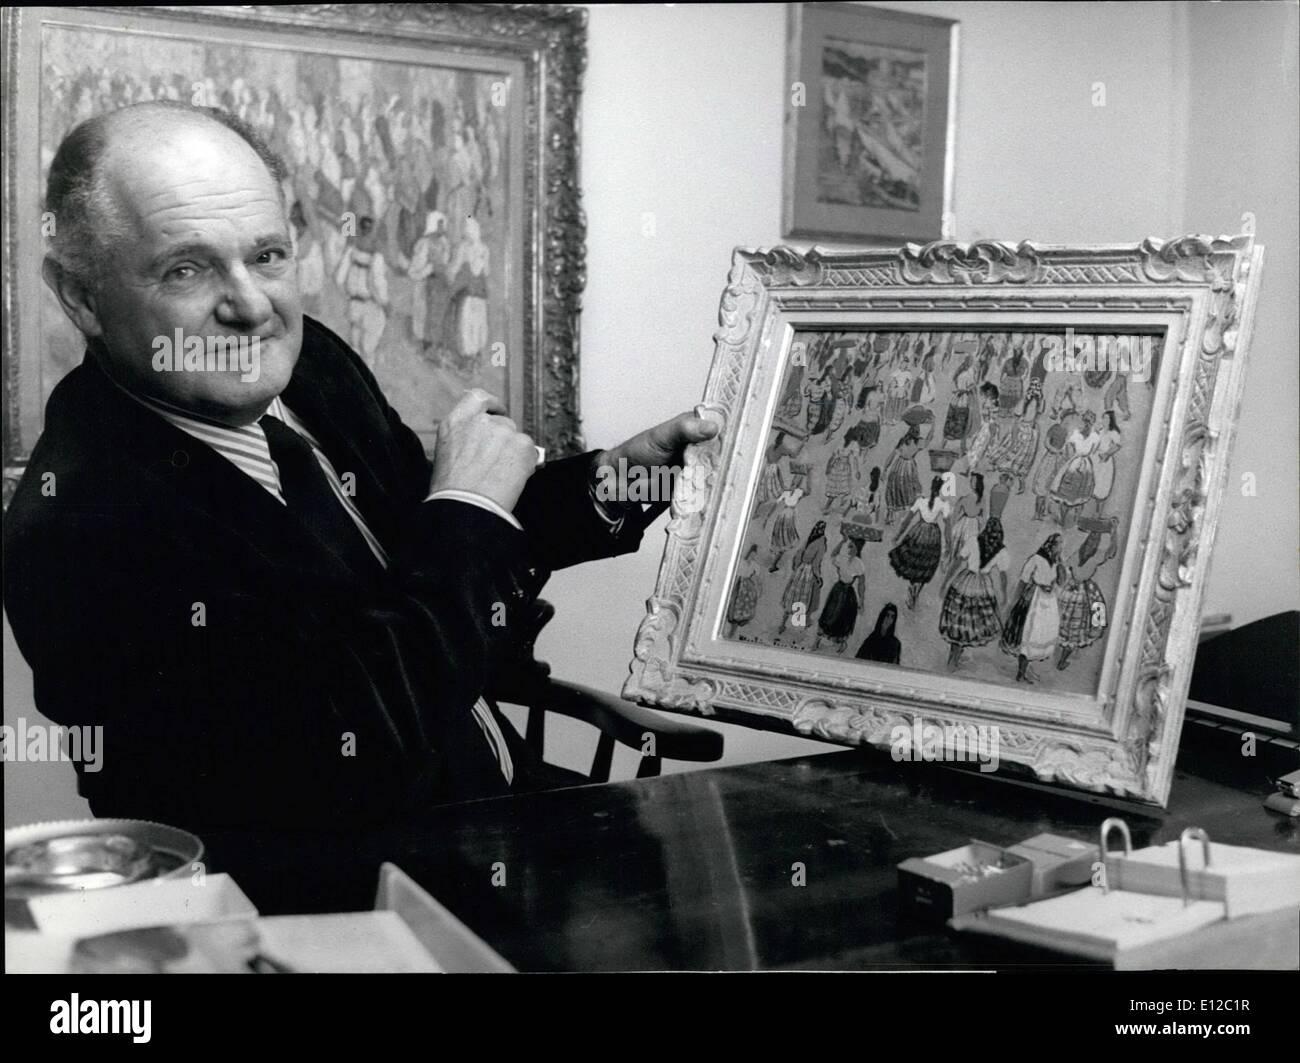 16. Dezember 2011 - eine erstaunliche Persönlichkeit Sir Windham White, hatte ehemaliger Direktor des GATT in Genf bis 1968 und hervorragende Führer der Kennedy-Runde dann eine gute Position danach bei der IOS, kurz vor dem Sprung. Heute ist er erfolgreicher Kunsthändler in Genf, wo er jetzt mit seiner Tochter arbeitet. Ops: Sir Windham als Kunsthändler weiß. Stockbild